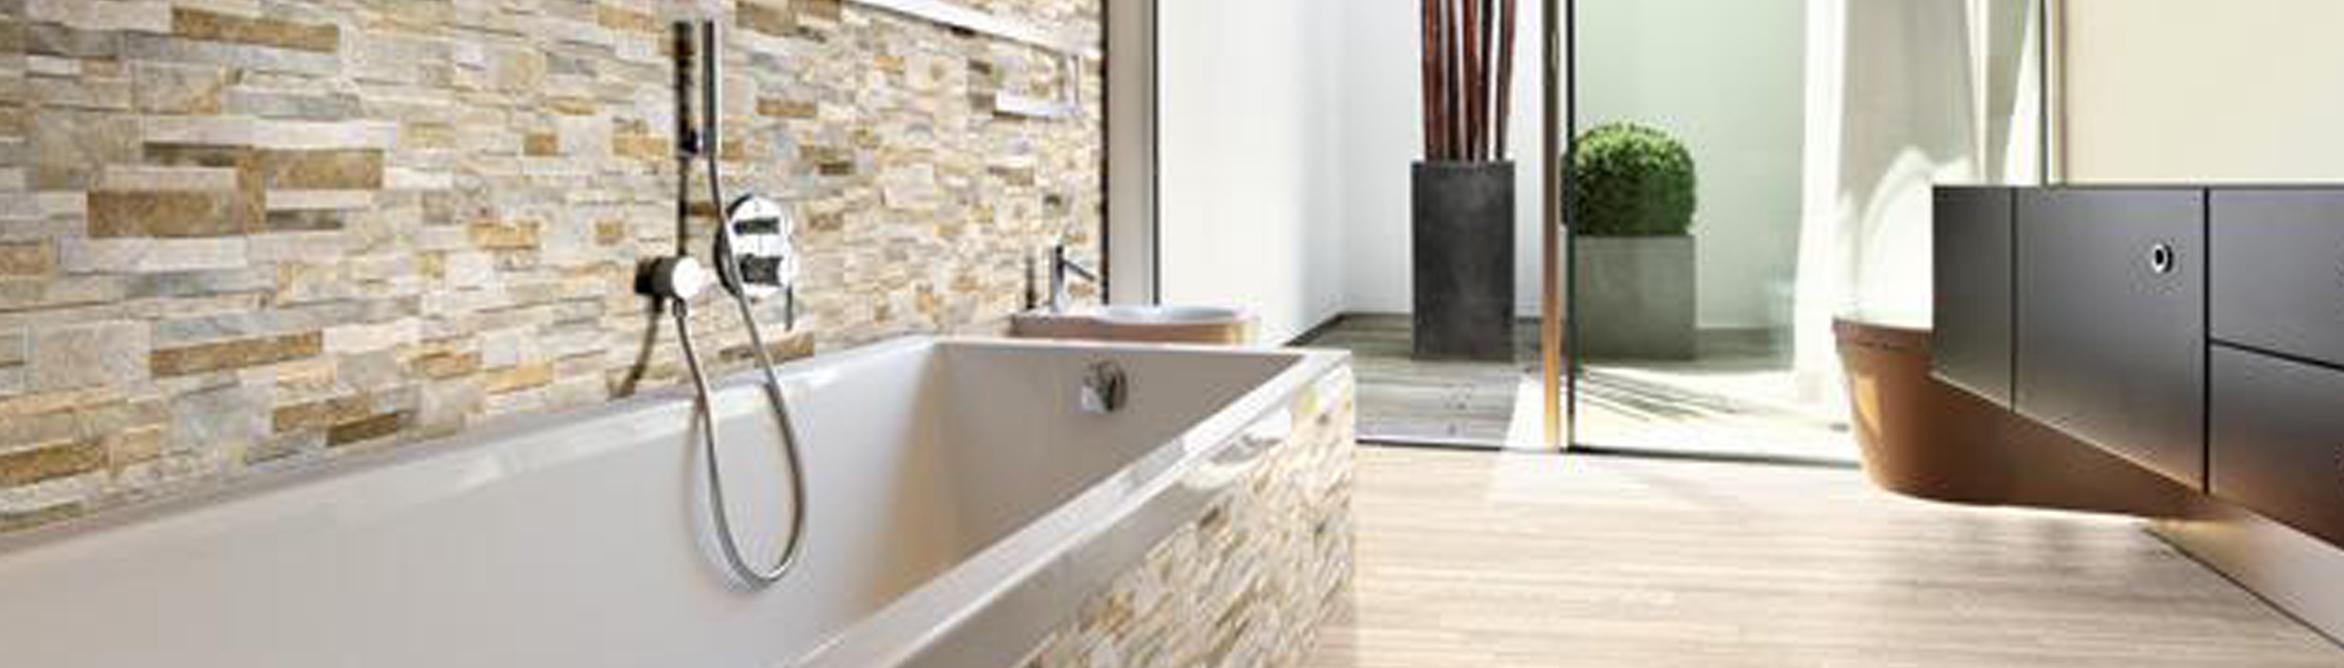 Tegels inspiratie voor woonkamer keuken badkamer for Badkamer inspiratie tegels